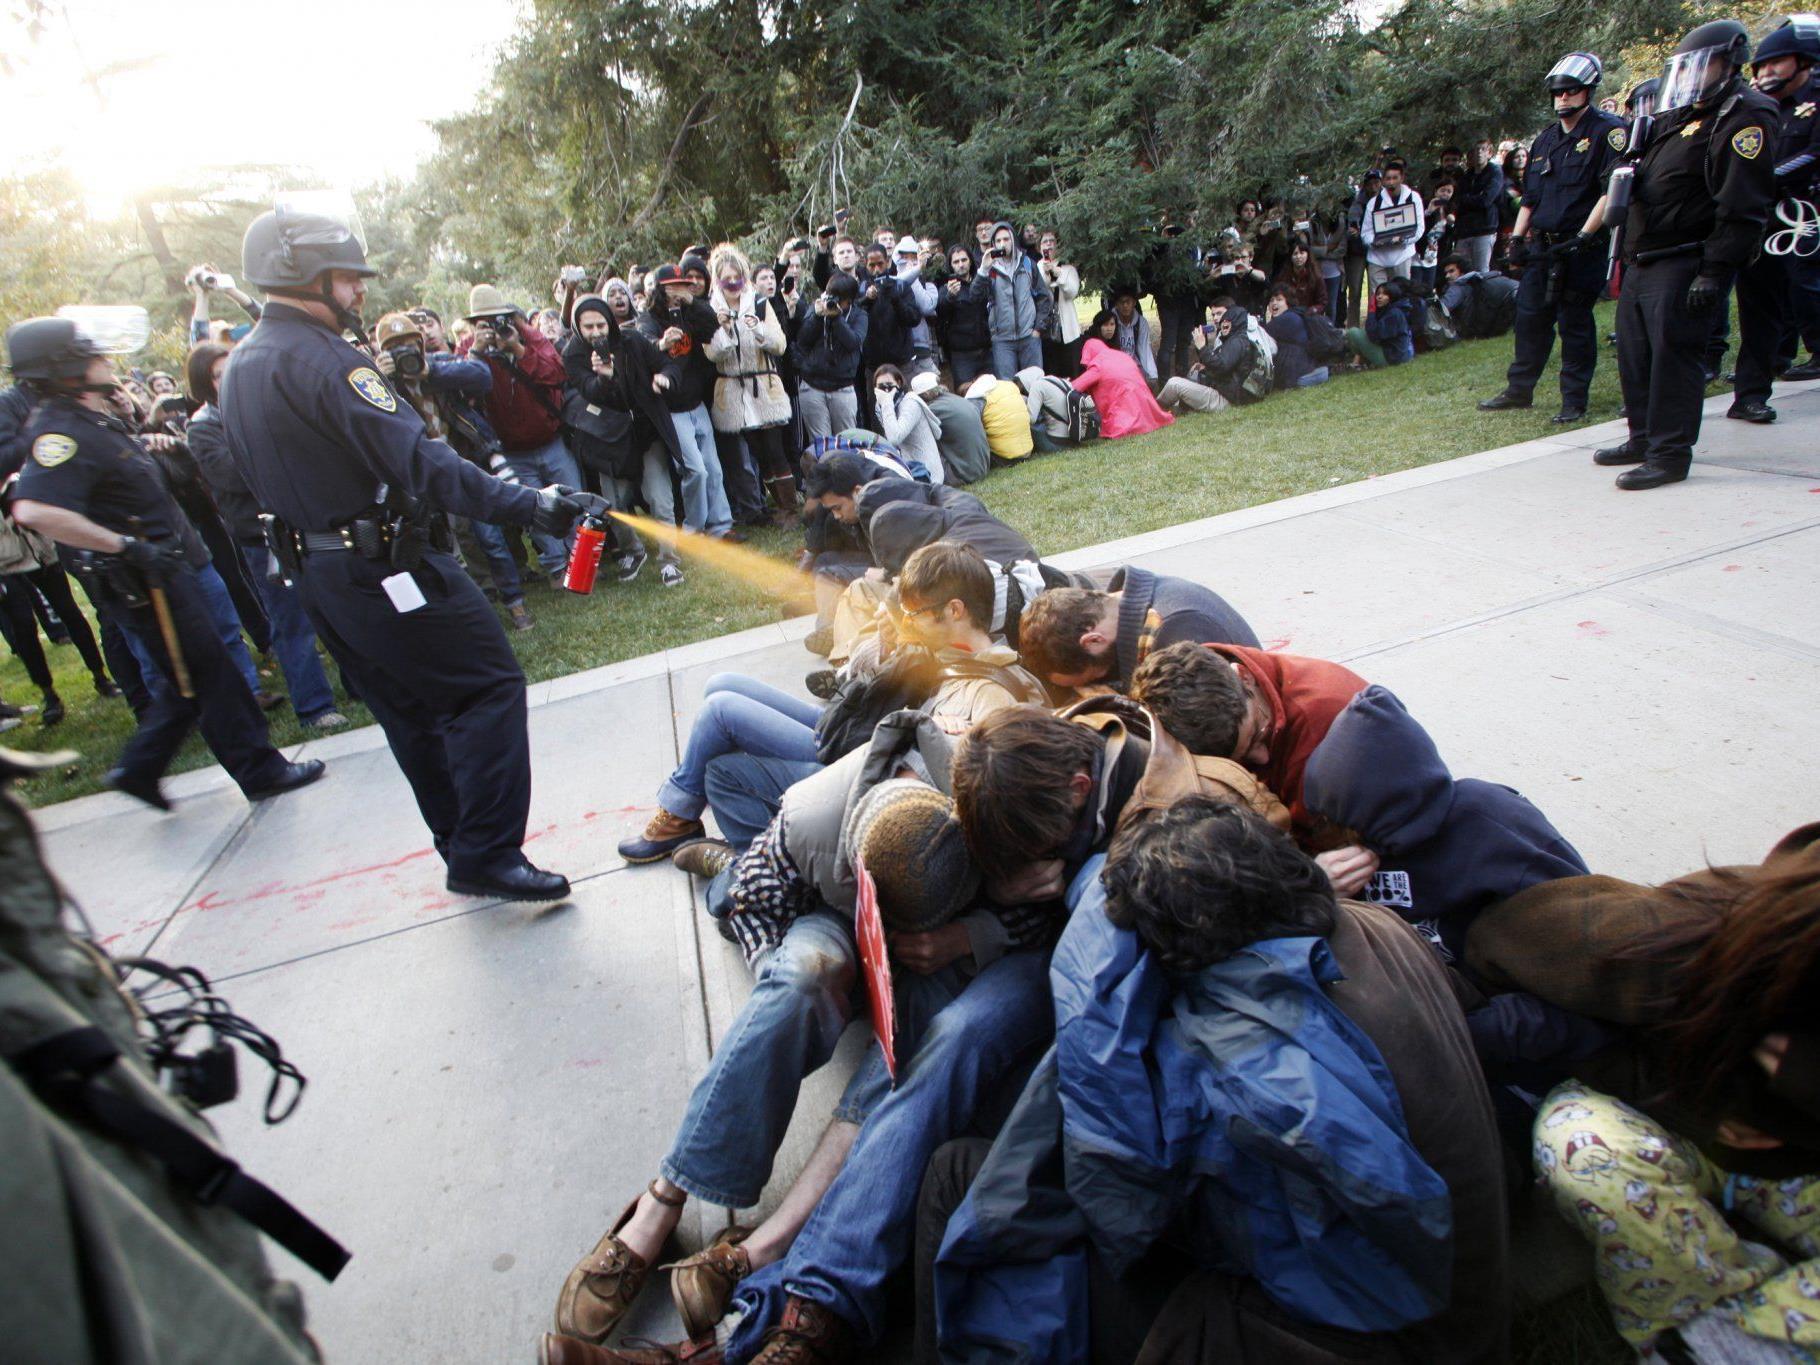 Polizei-Chefin auf dem Campus der Universität Davis wurde beurlaubt.